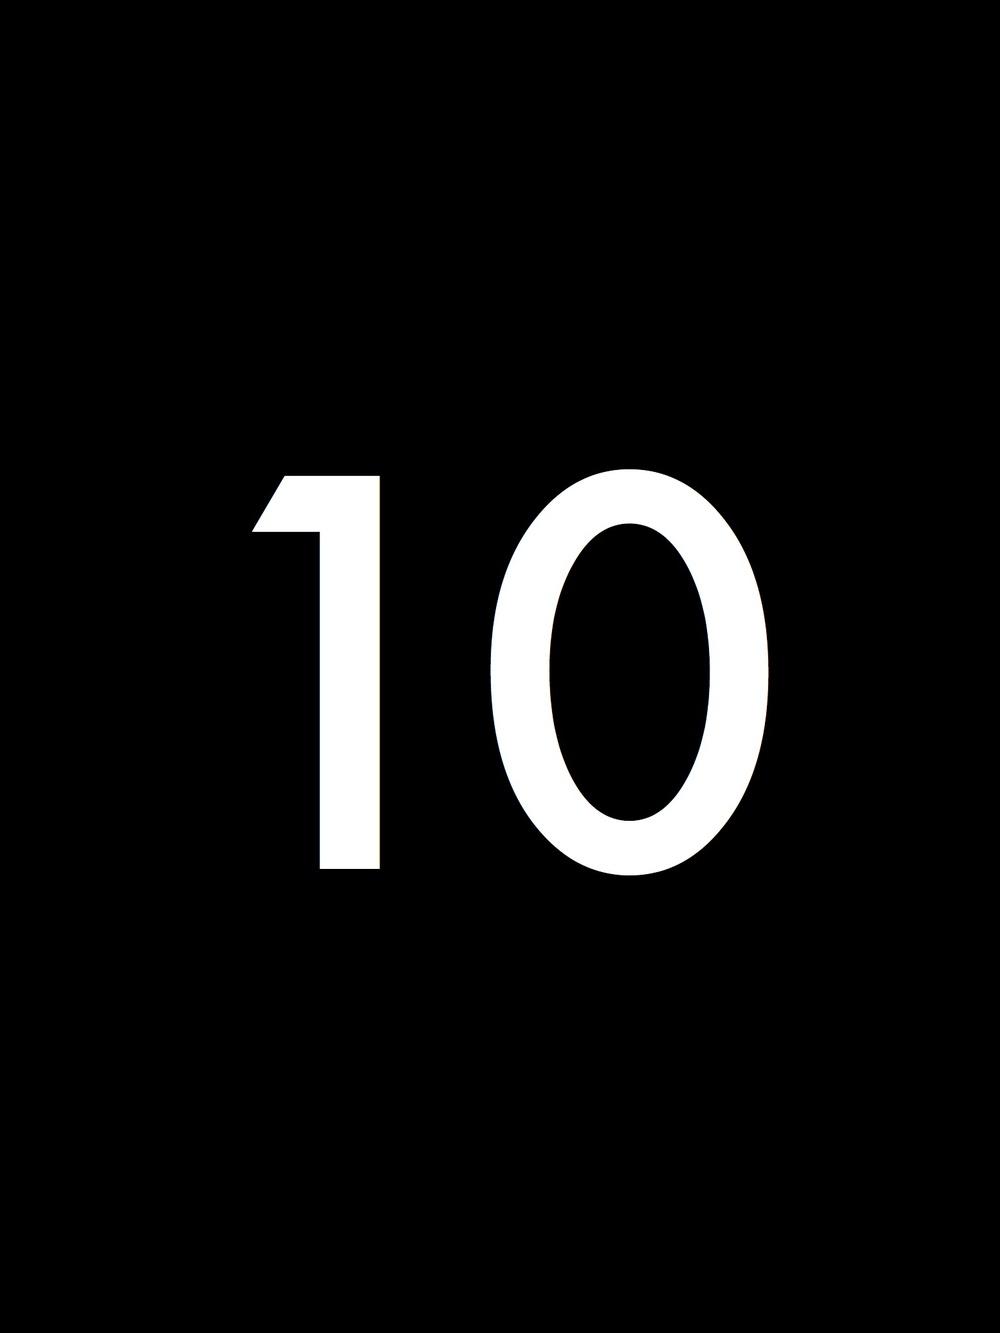 Black_Number.010.jpg